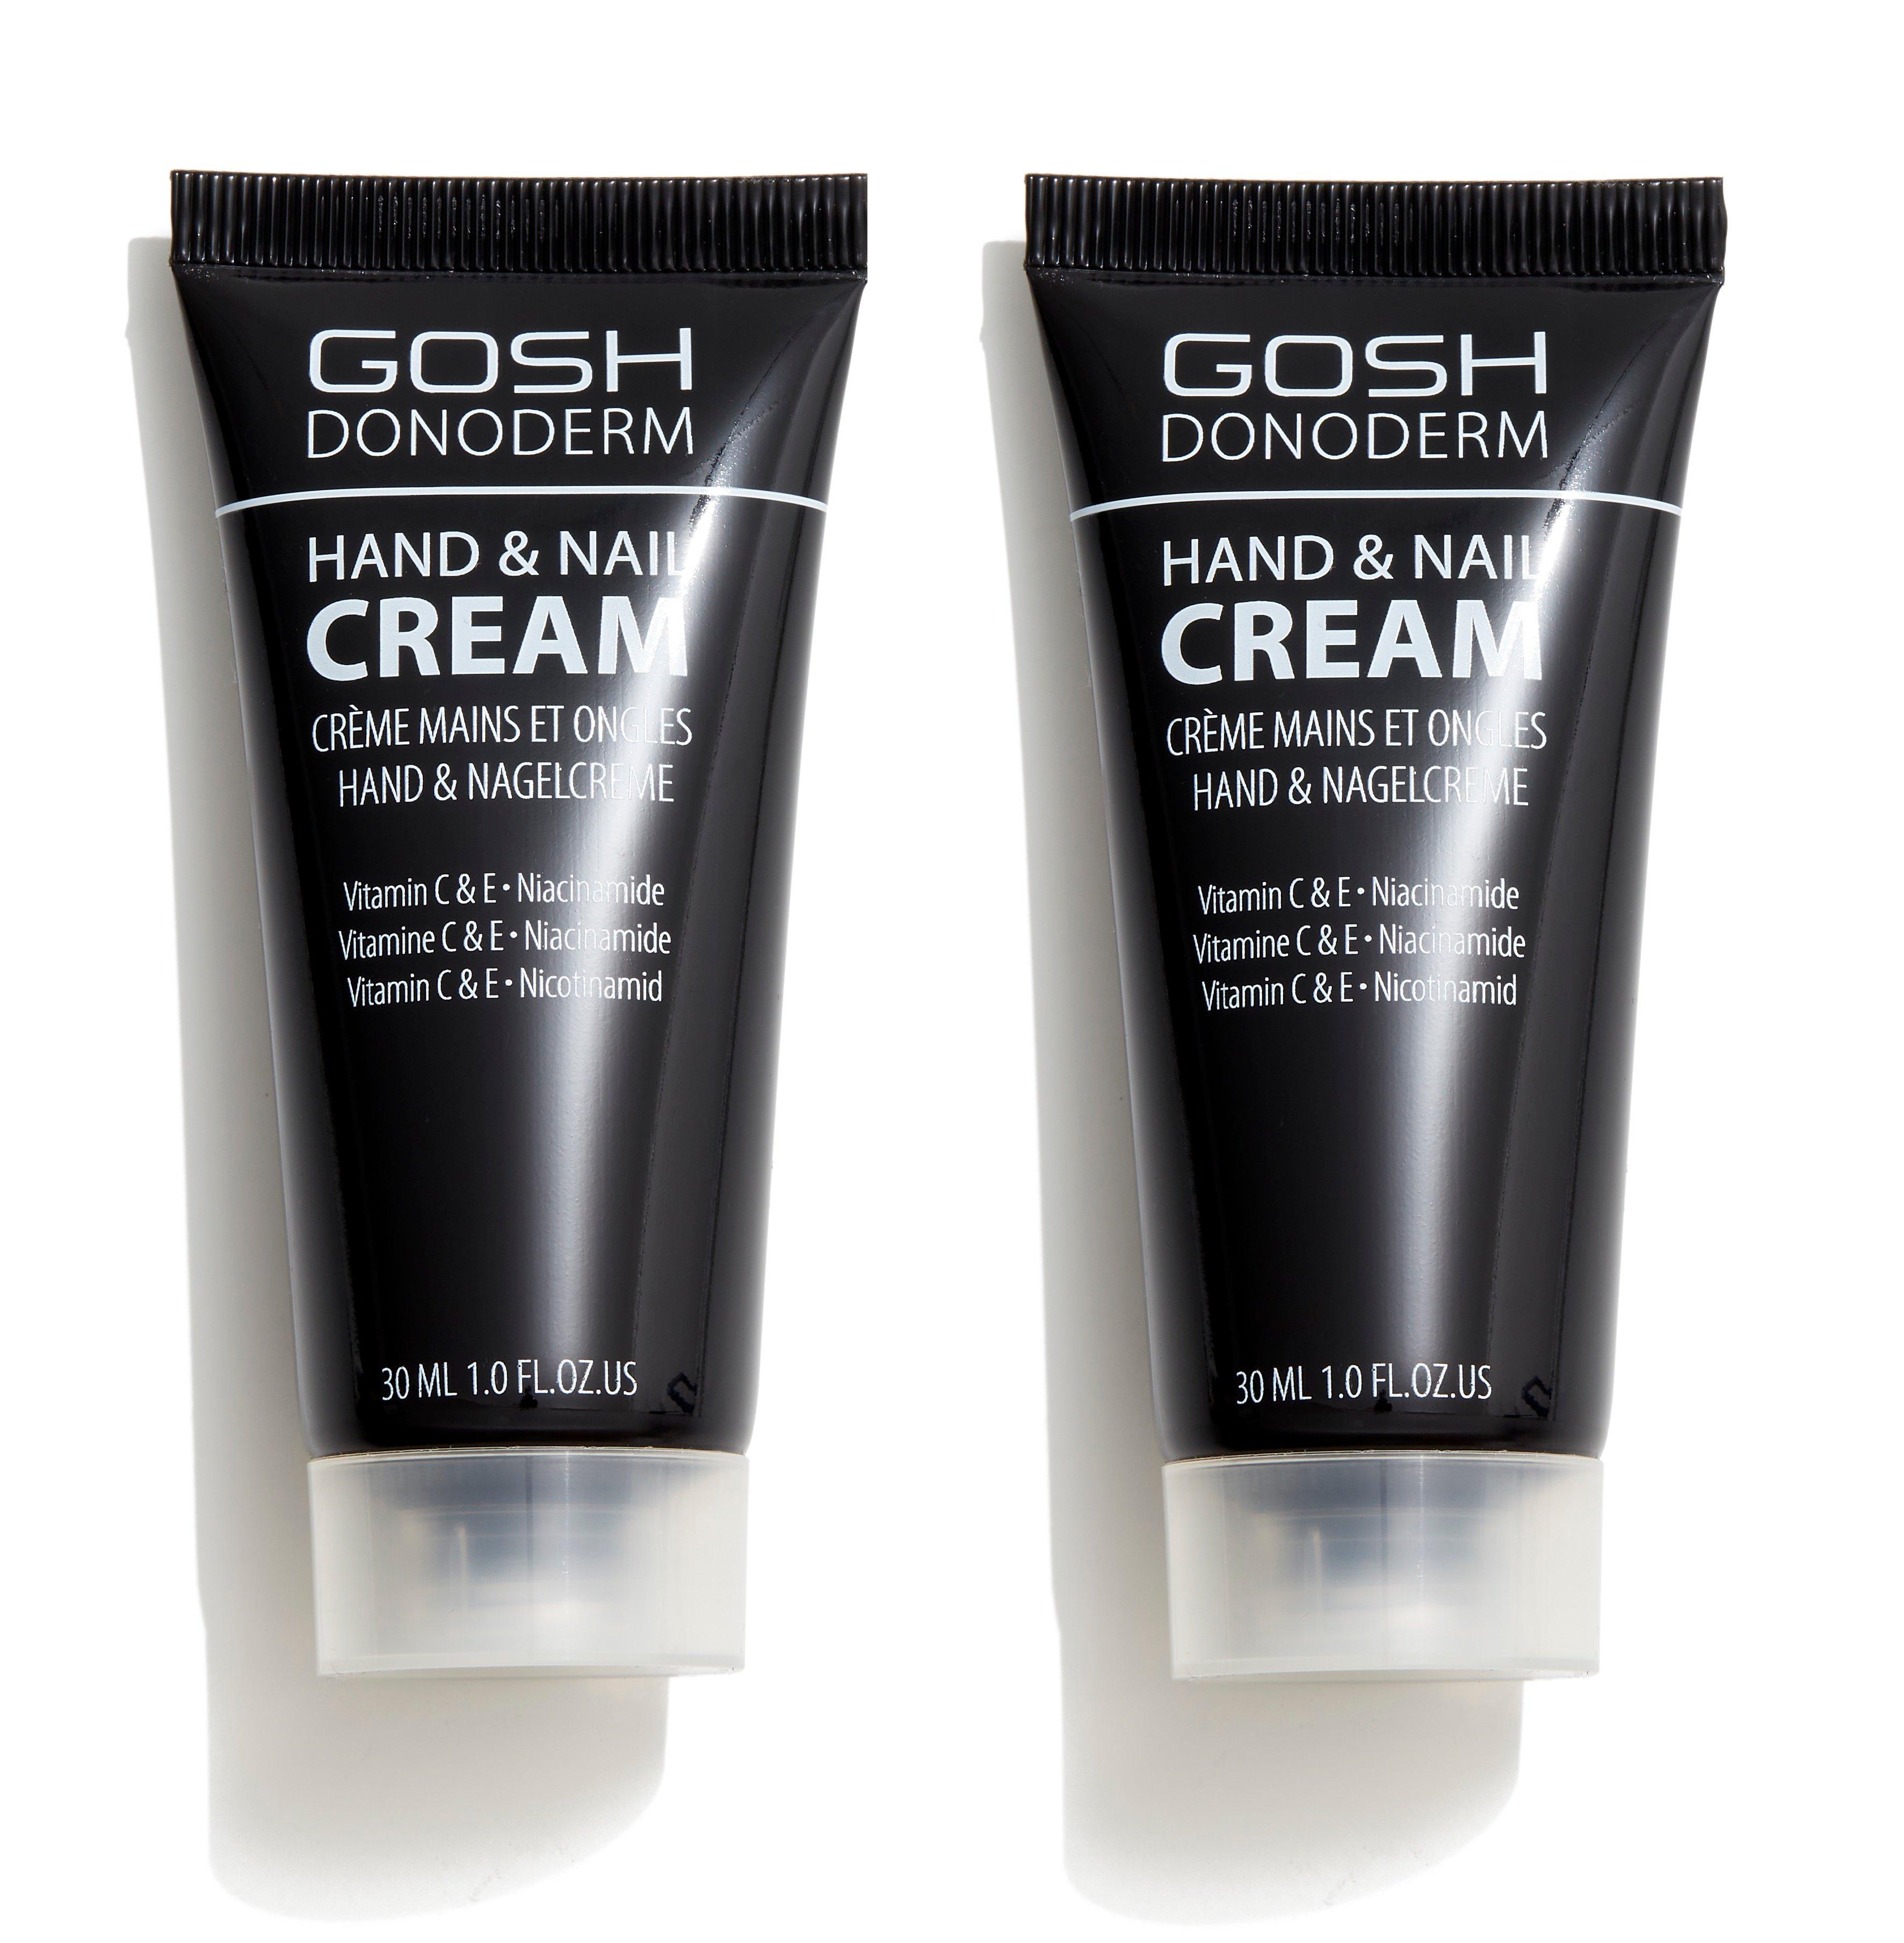 GOSH - Donoderm Hånd & Negle Creme 2 x 30 ml